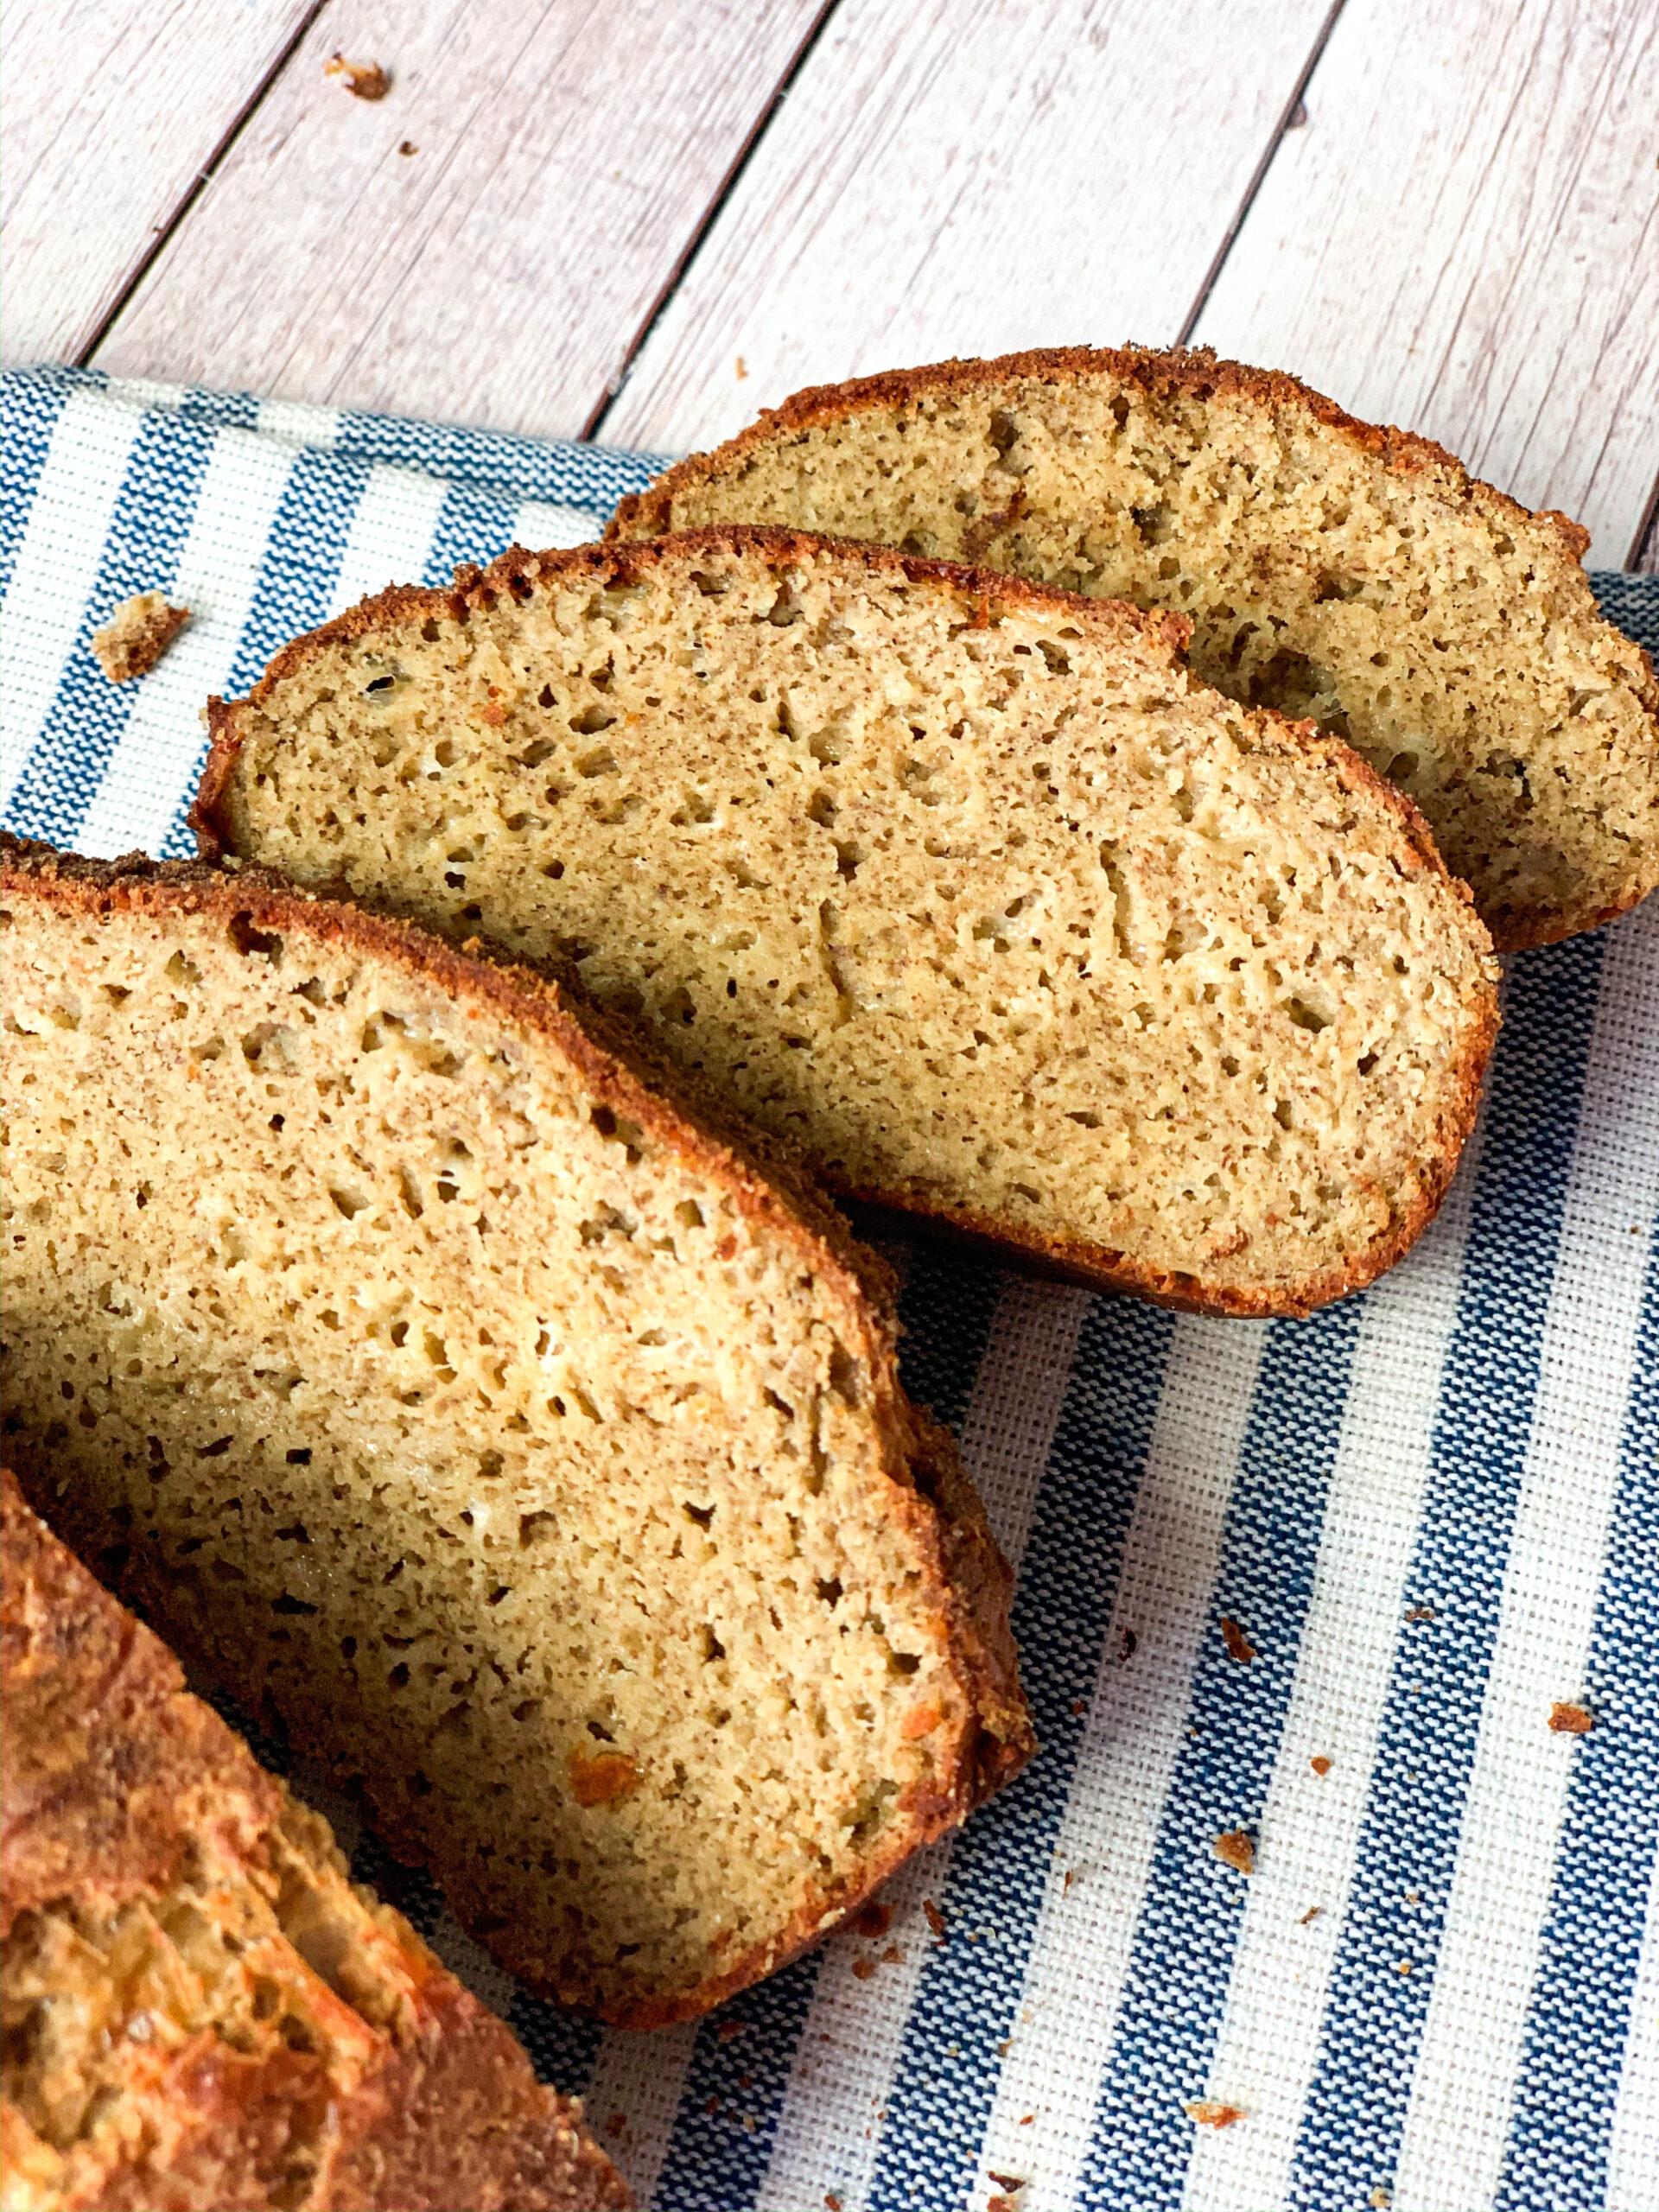 Crispy yeast keto bread cut in sandwich slices